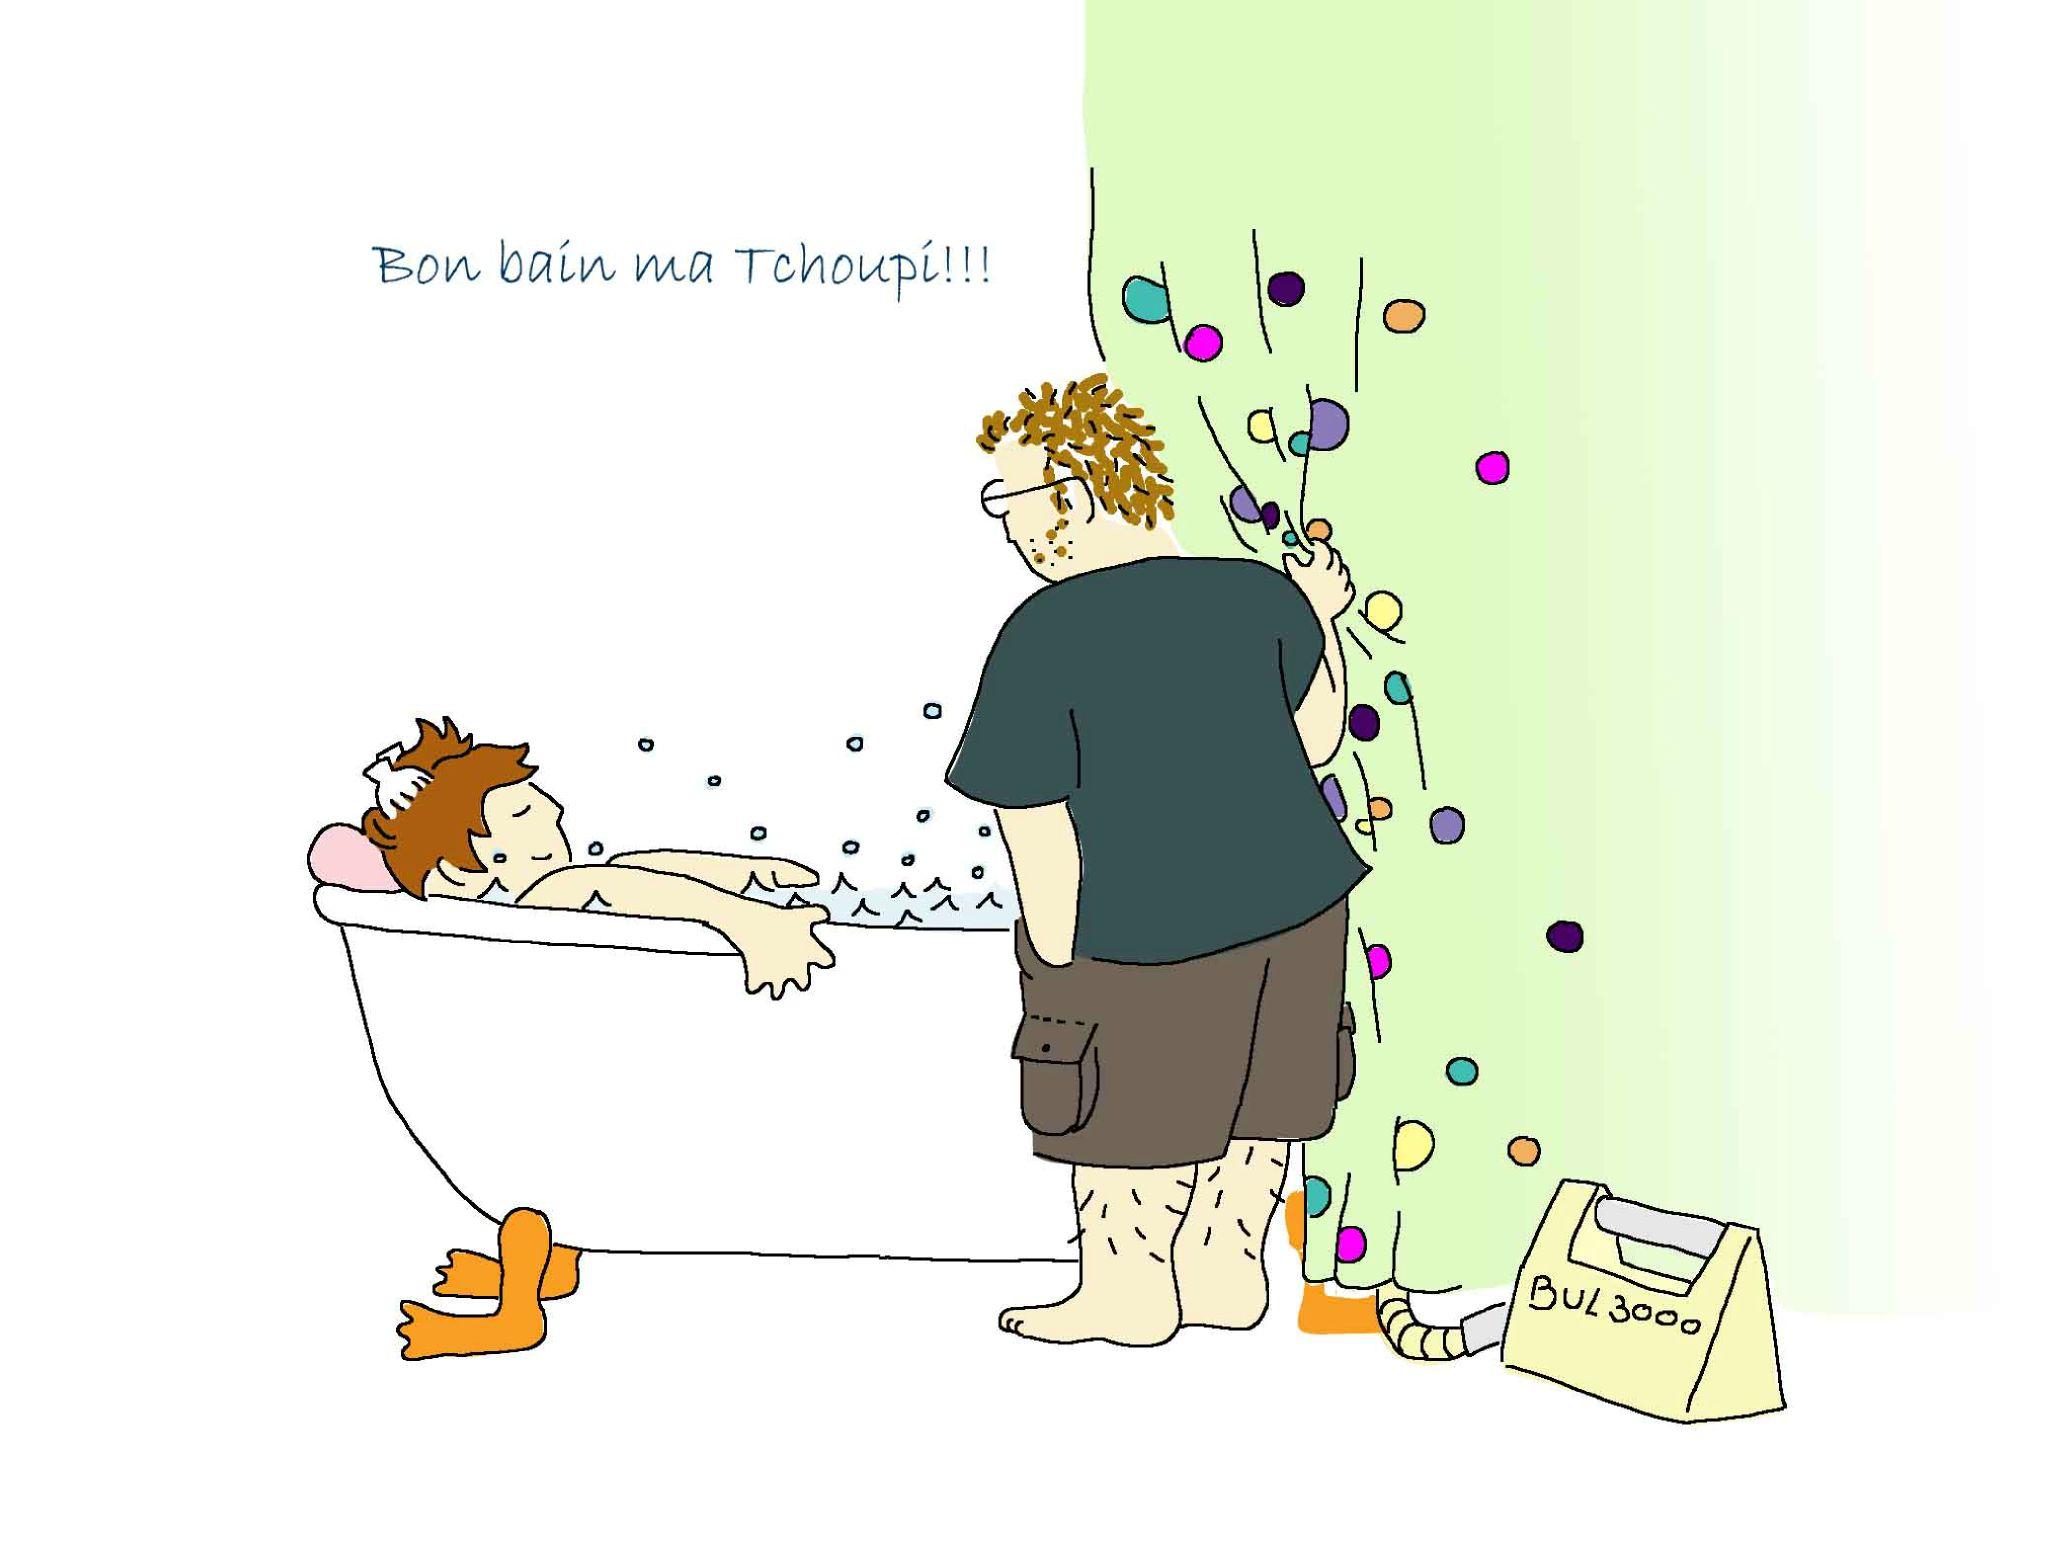 bain 001